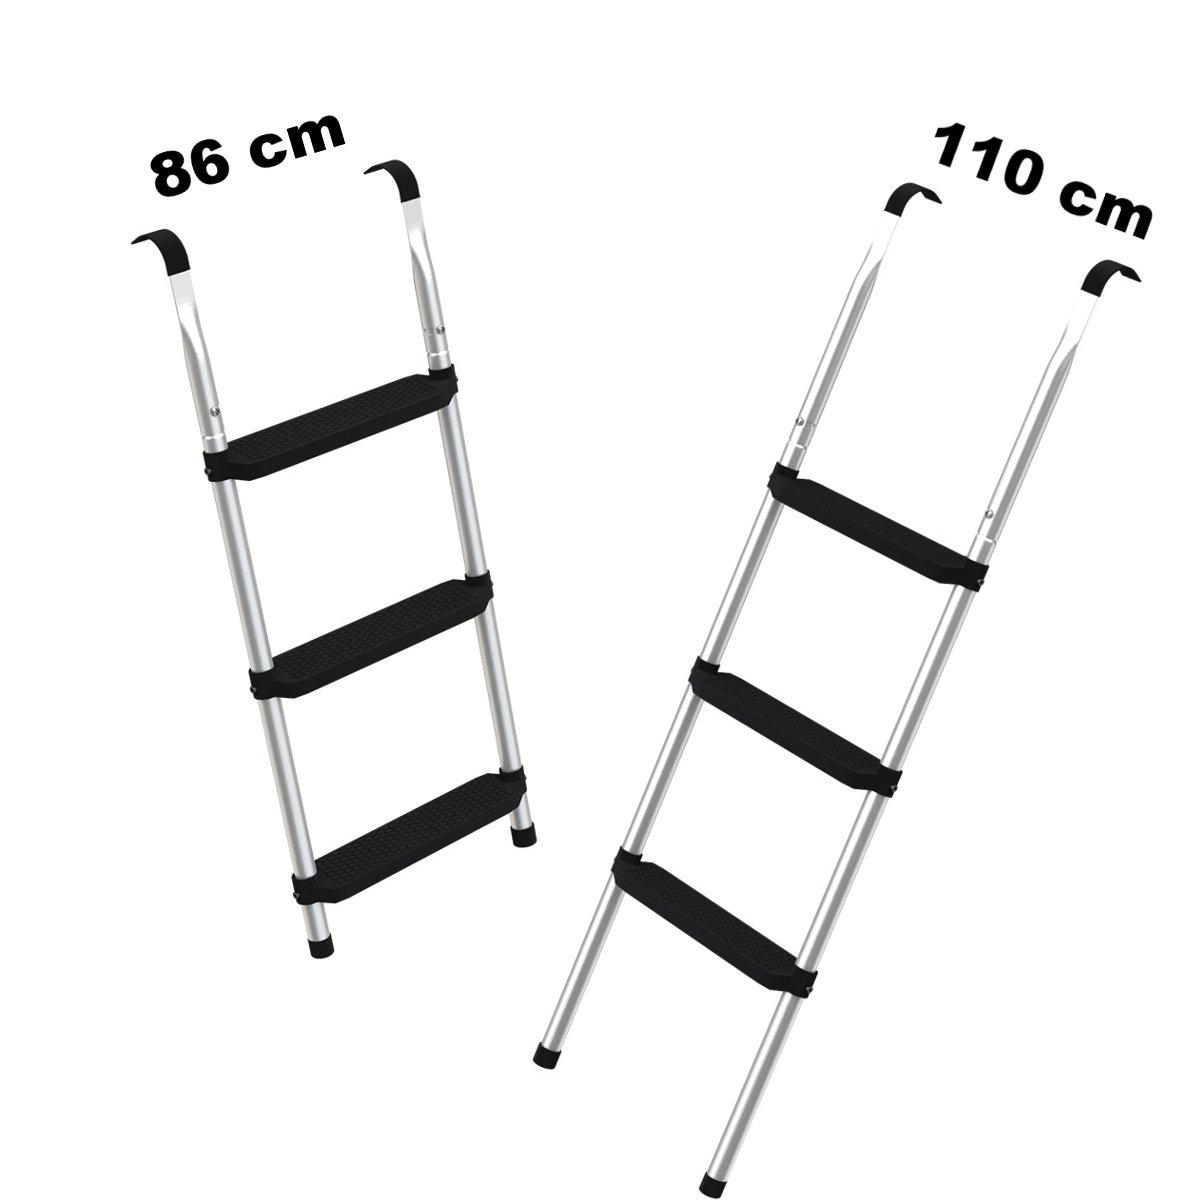 Ampel Escalera para camas elásticas grandes  ca cm  escalones anchas